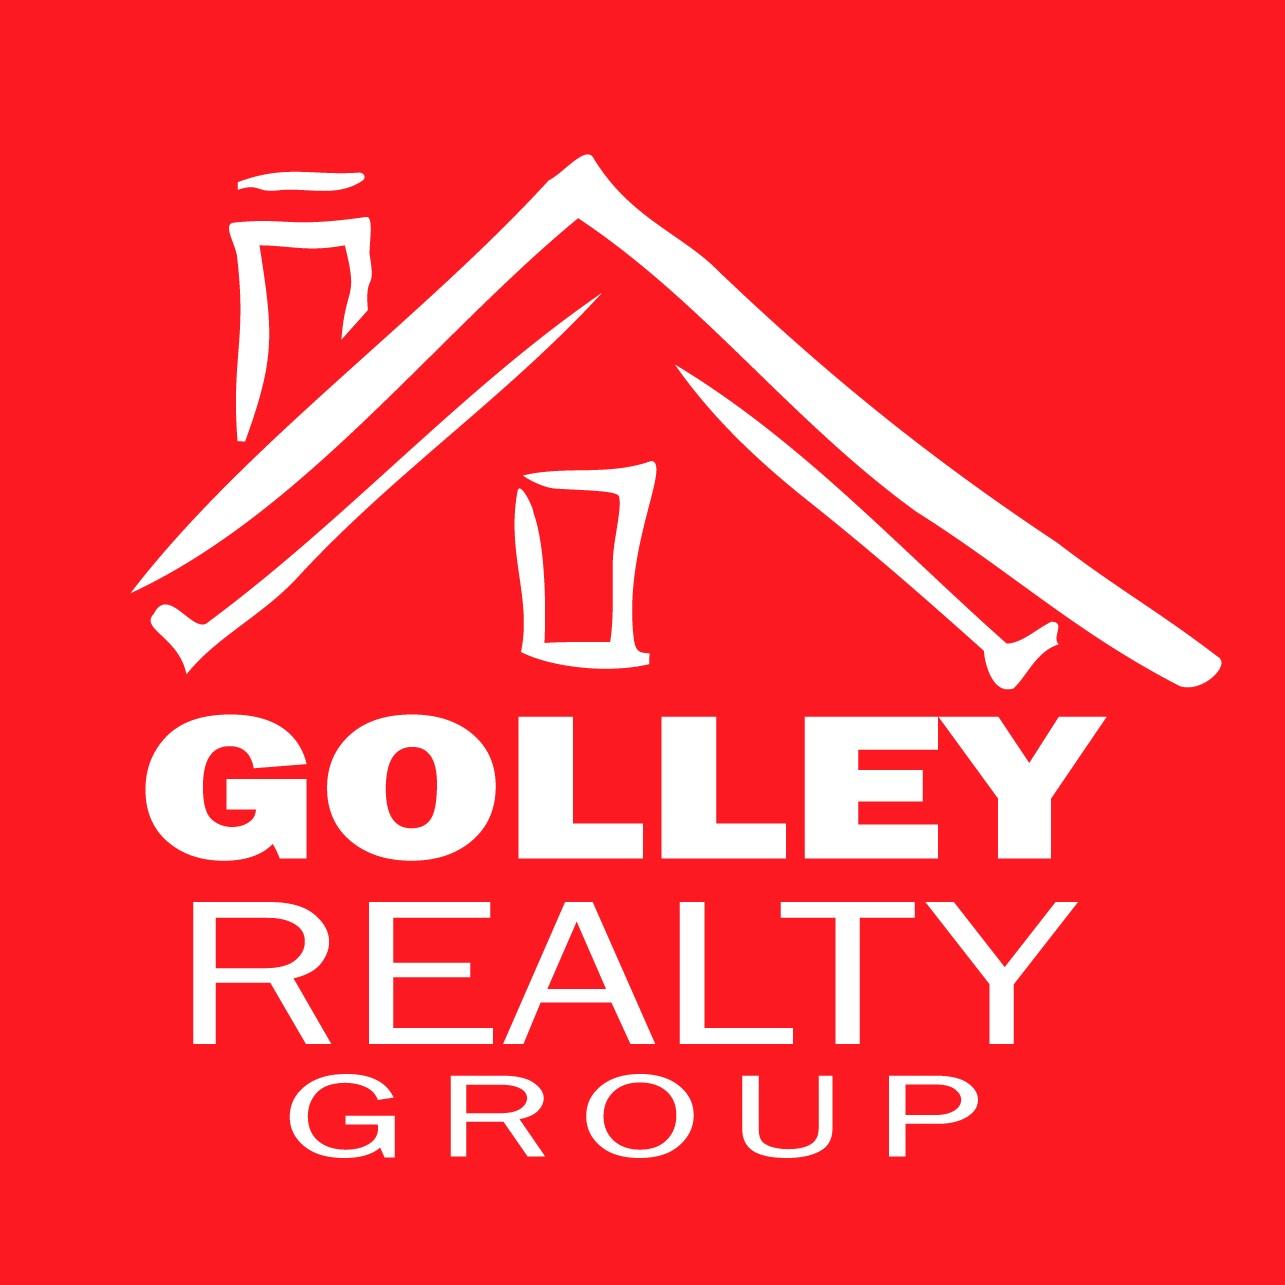 Frank Golley